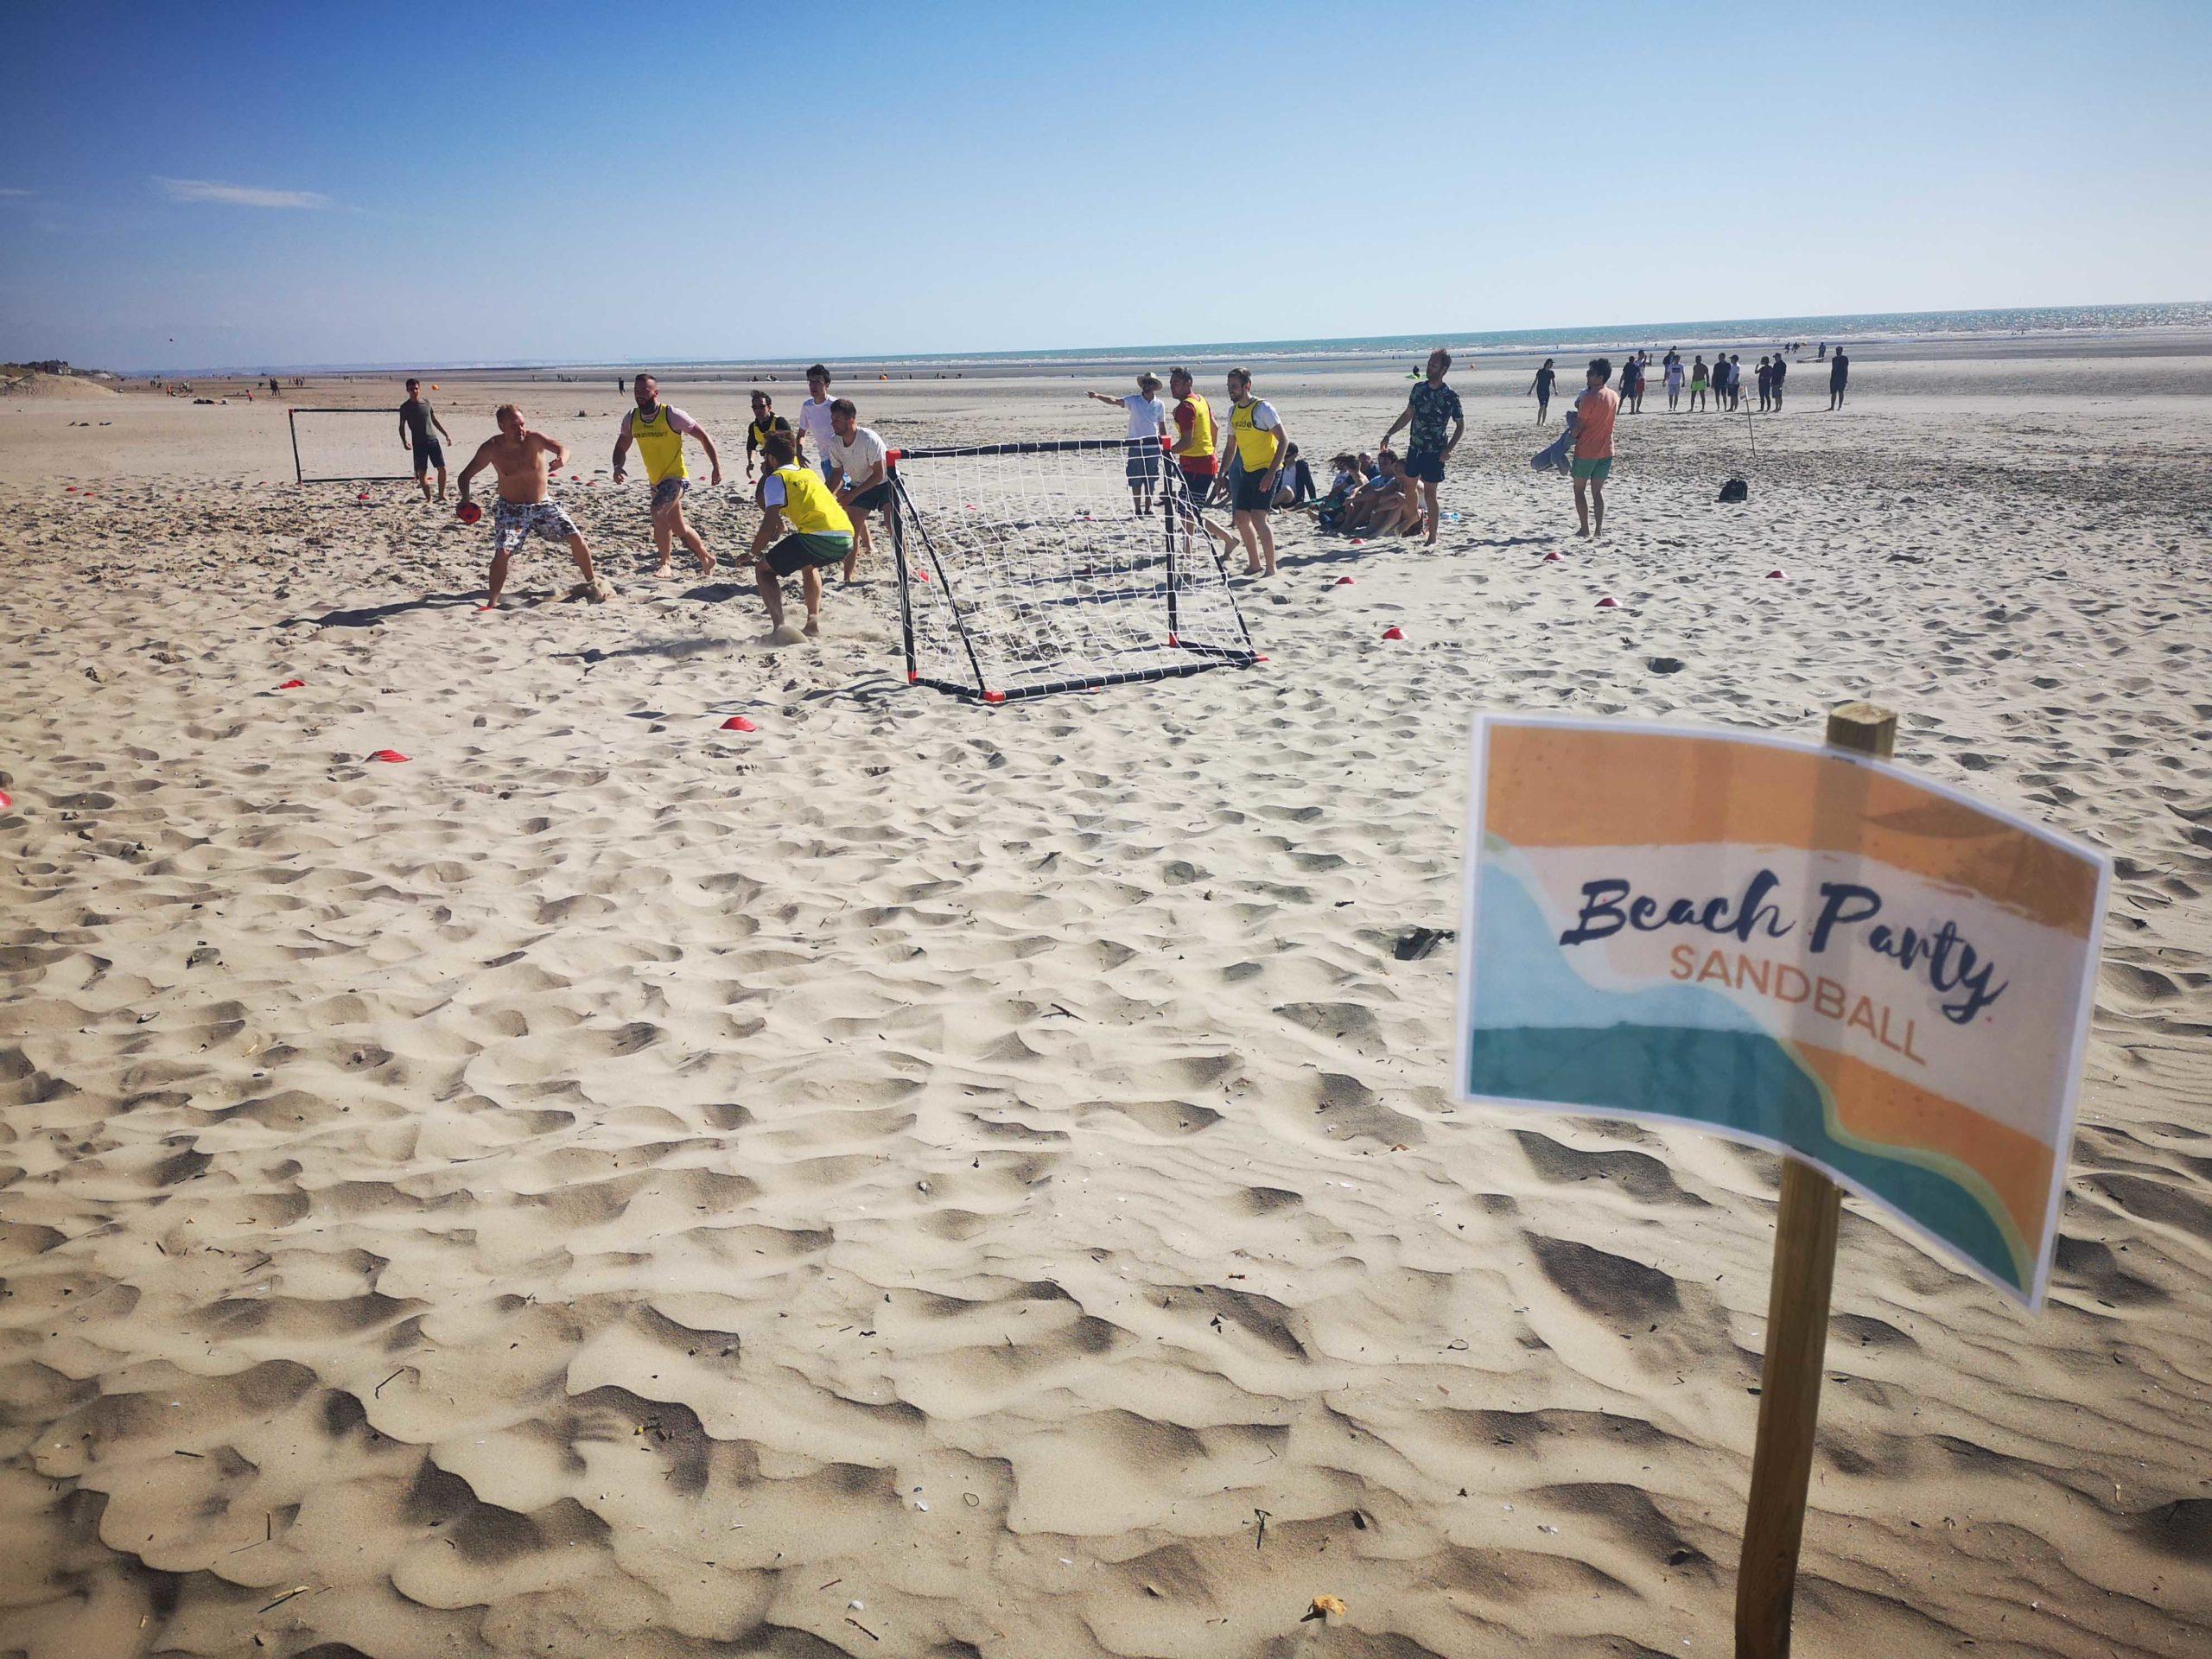 Beach party sandball par arcade événements